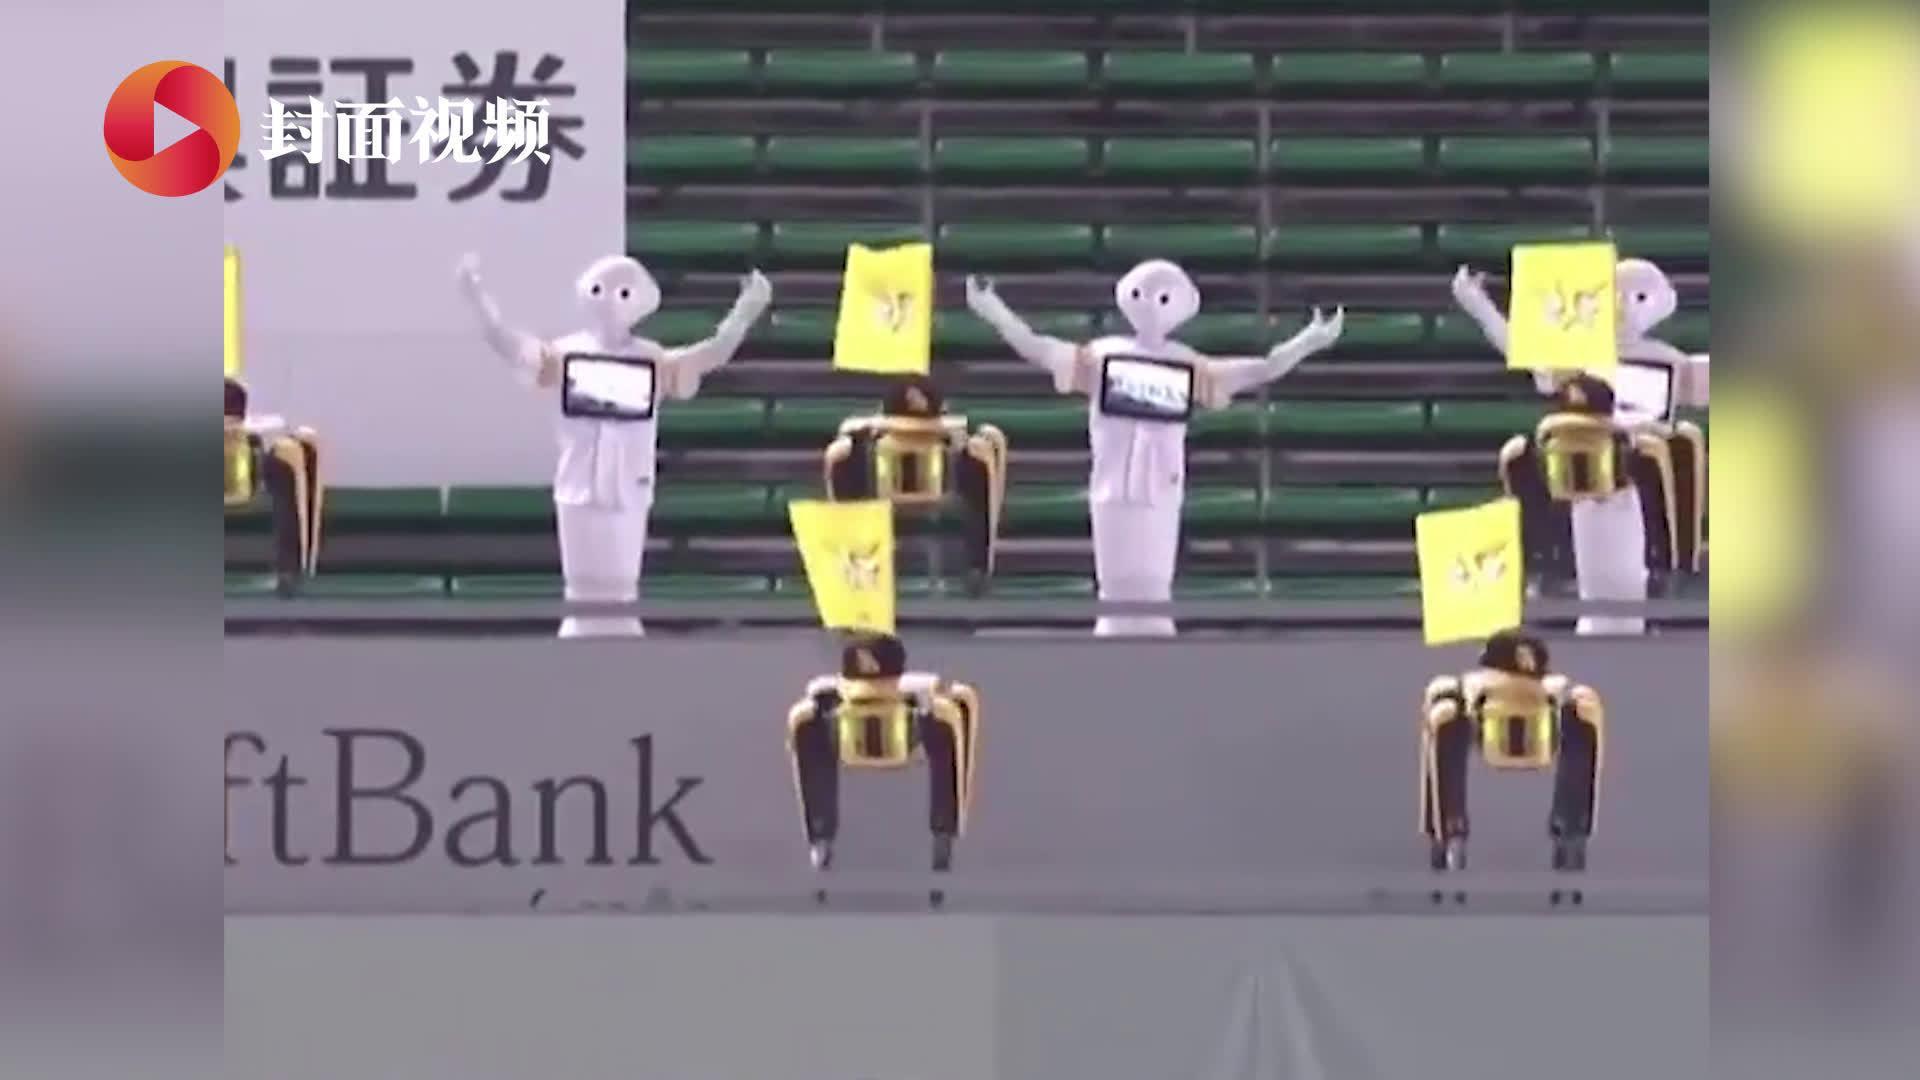 日本棒球队赞助商派出机器人应援团 数只机器狗扭屁股加油助威